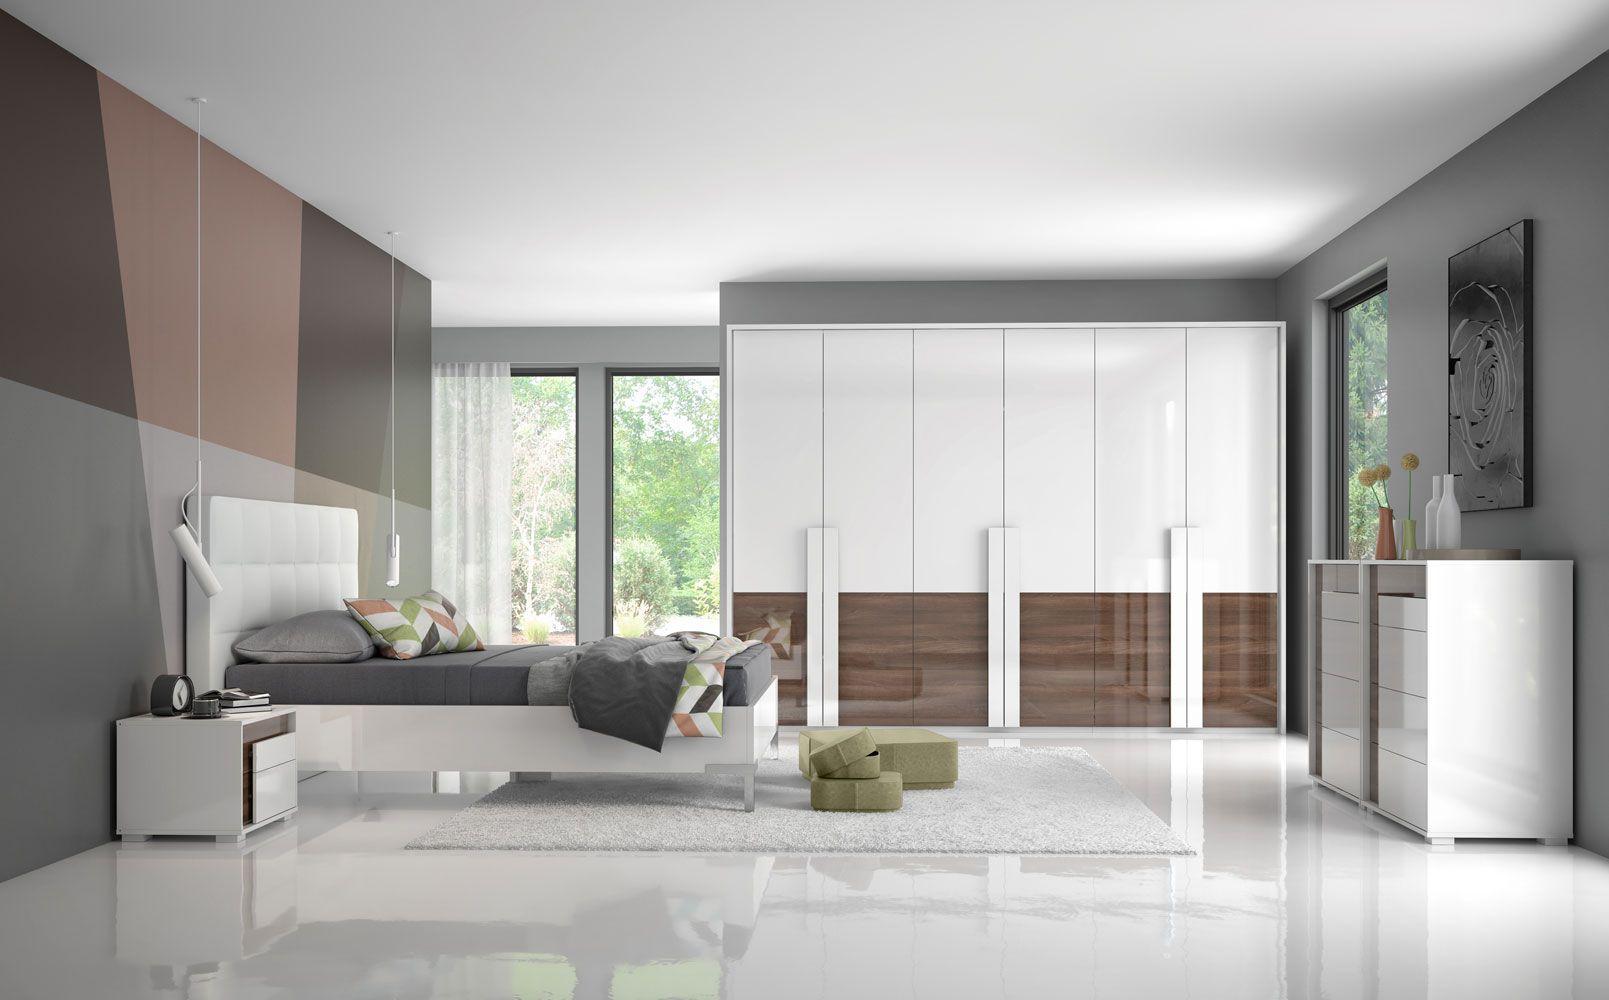 Schlafzimmer Komplett - Set A Afega, 9-teilig, Farbe: Weiß Hochglanz / Nuss Hochglanz